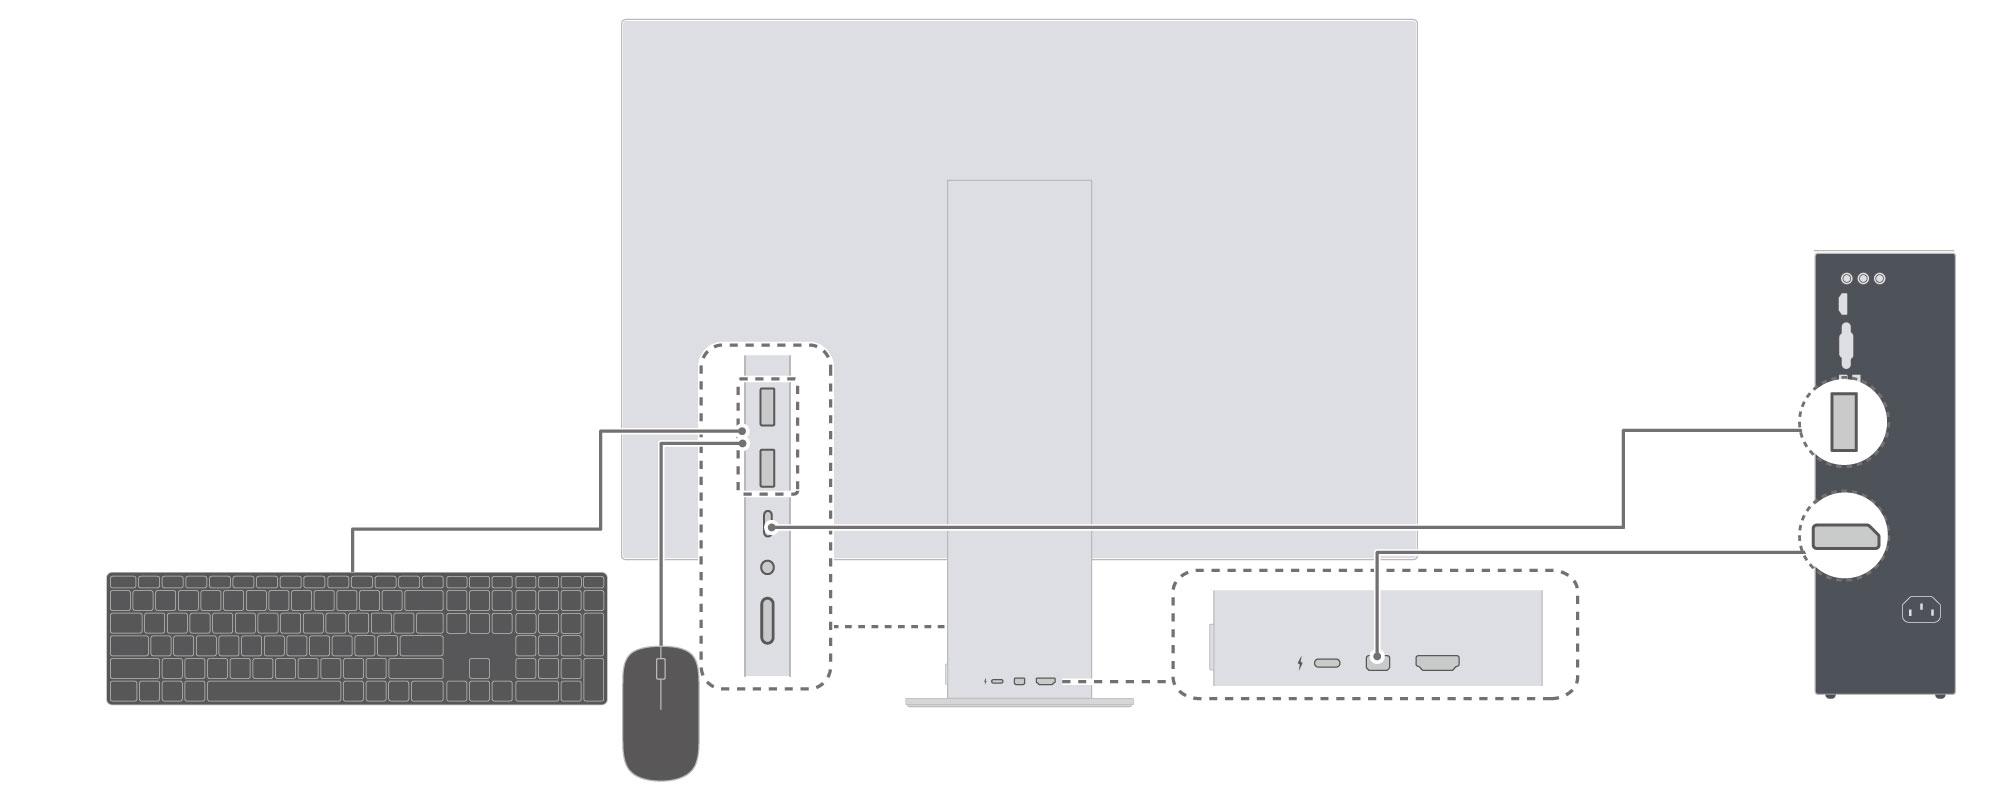 MiniDP 转 DP 线缆连接.jpg